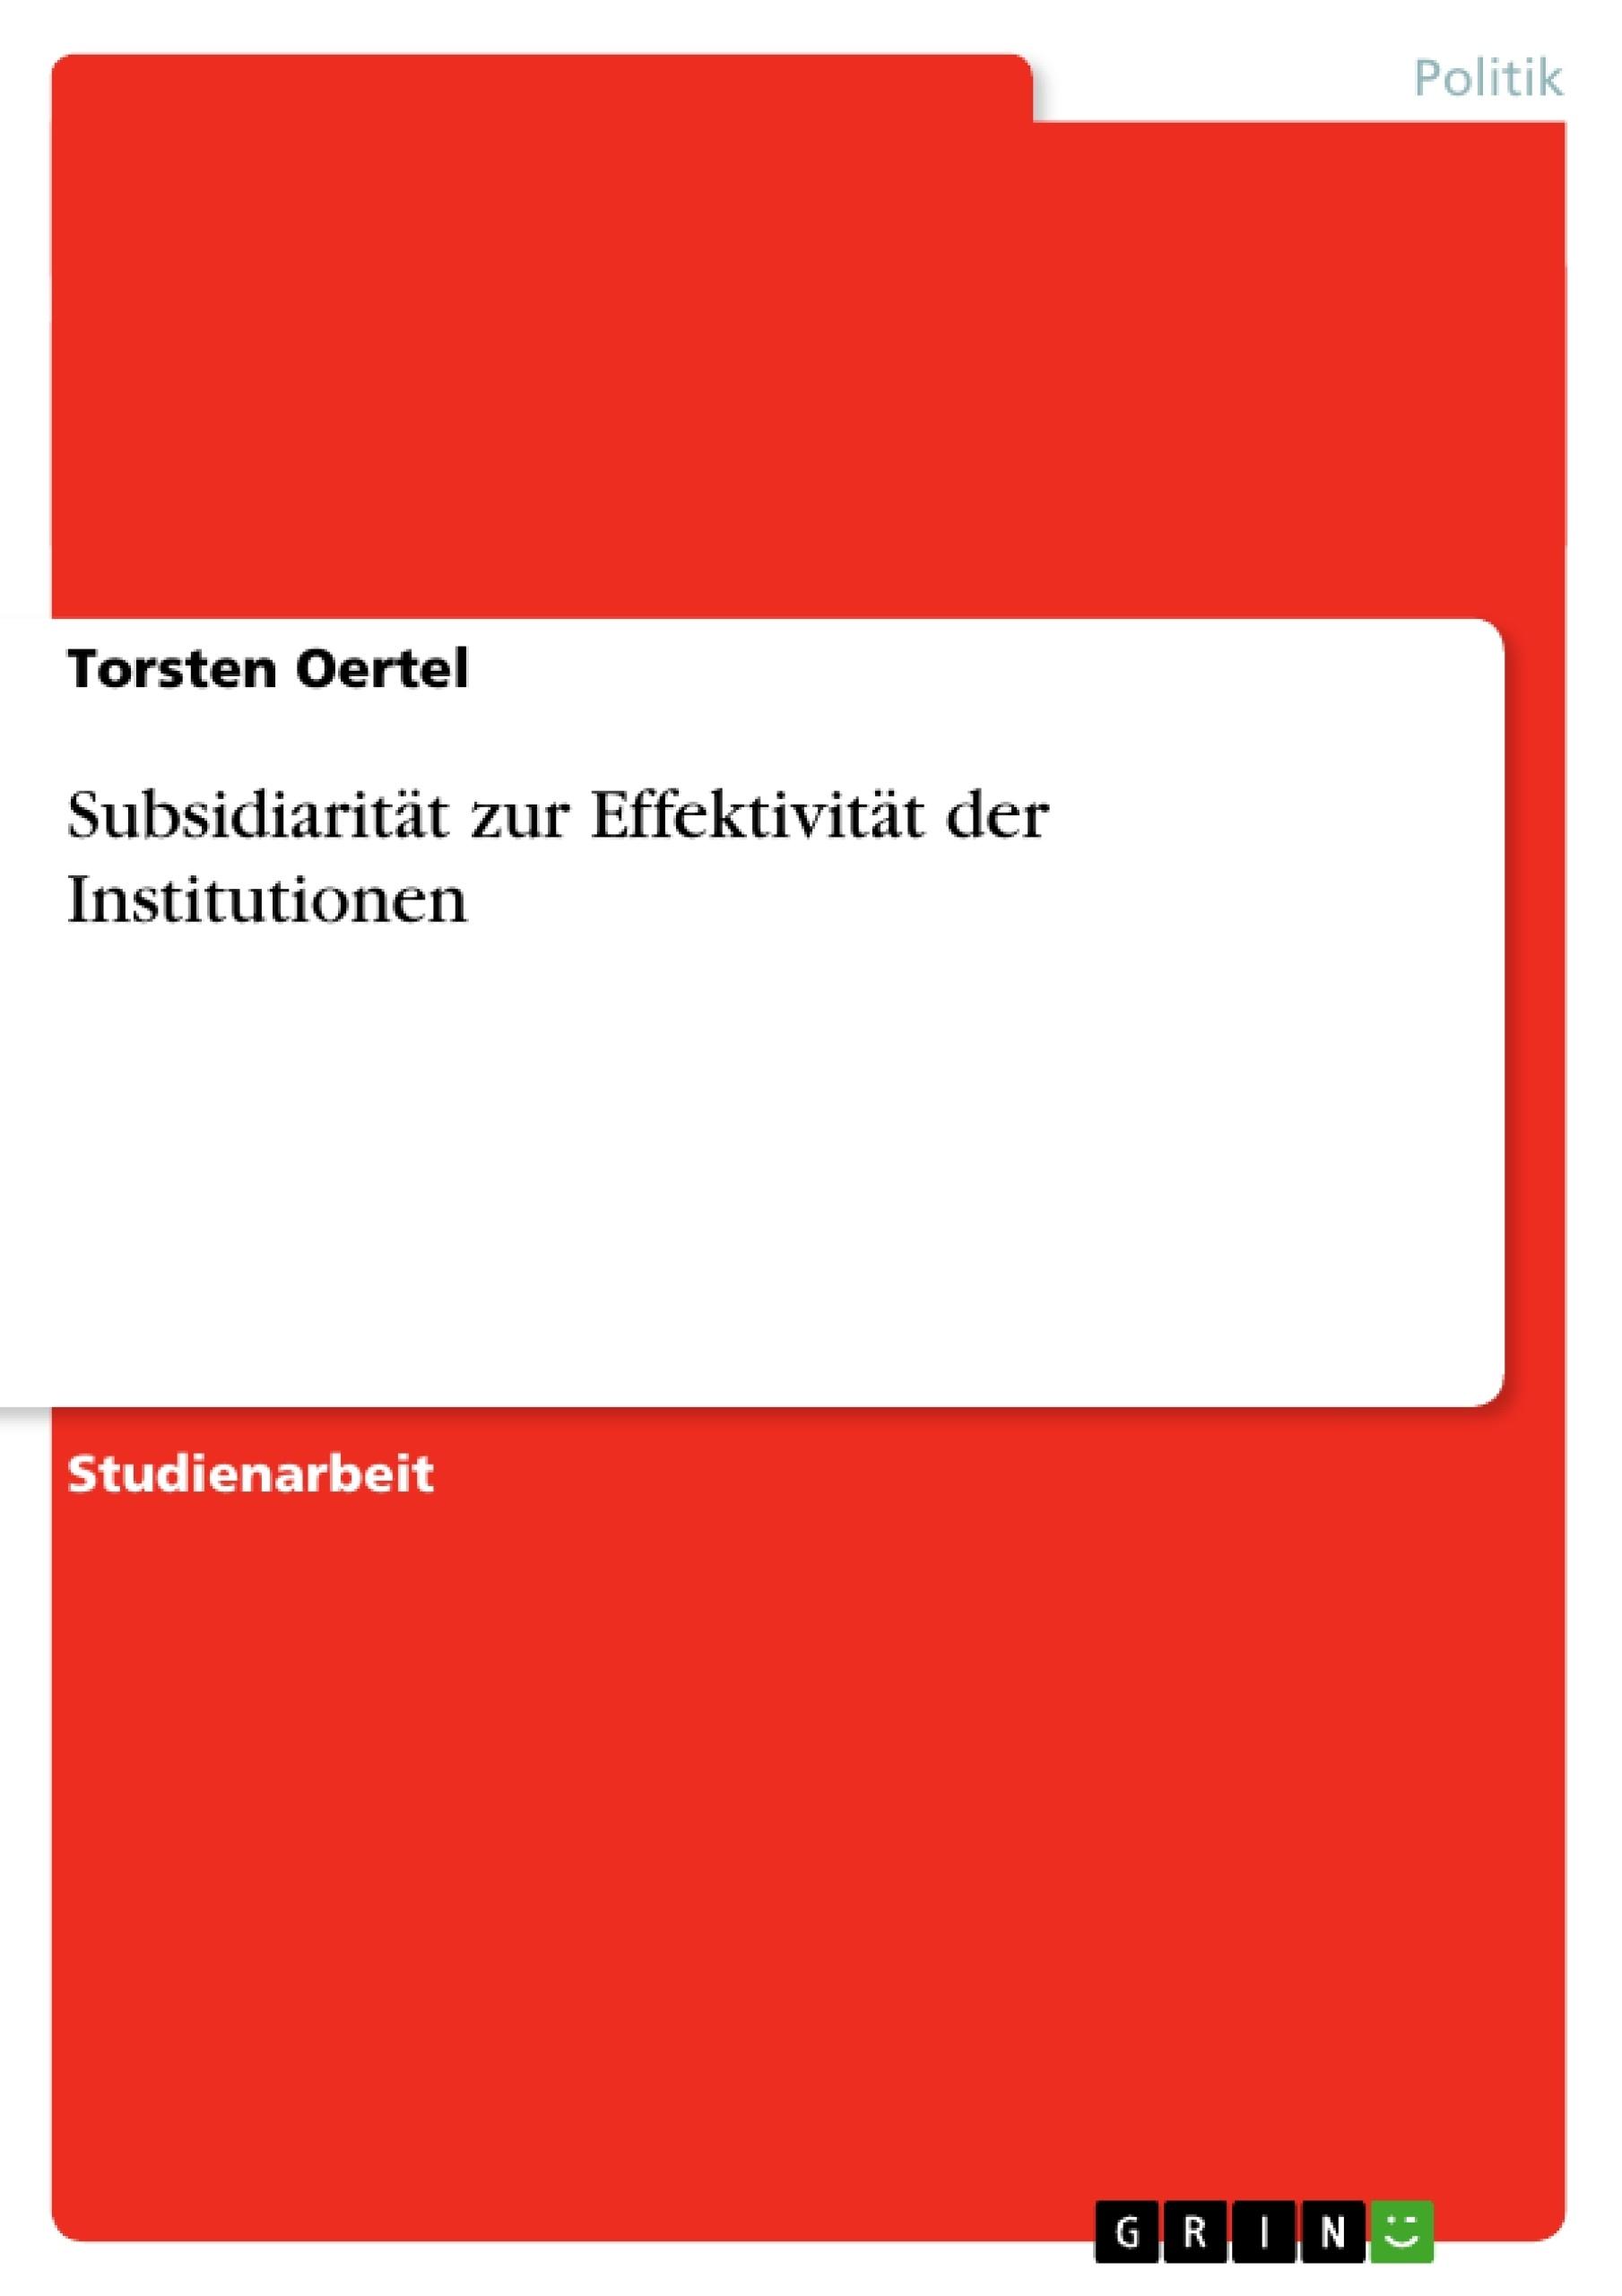 Titel: Subsidiarität zur Effektivität der Institutionen